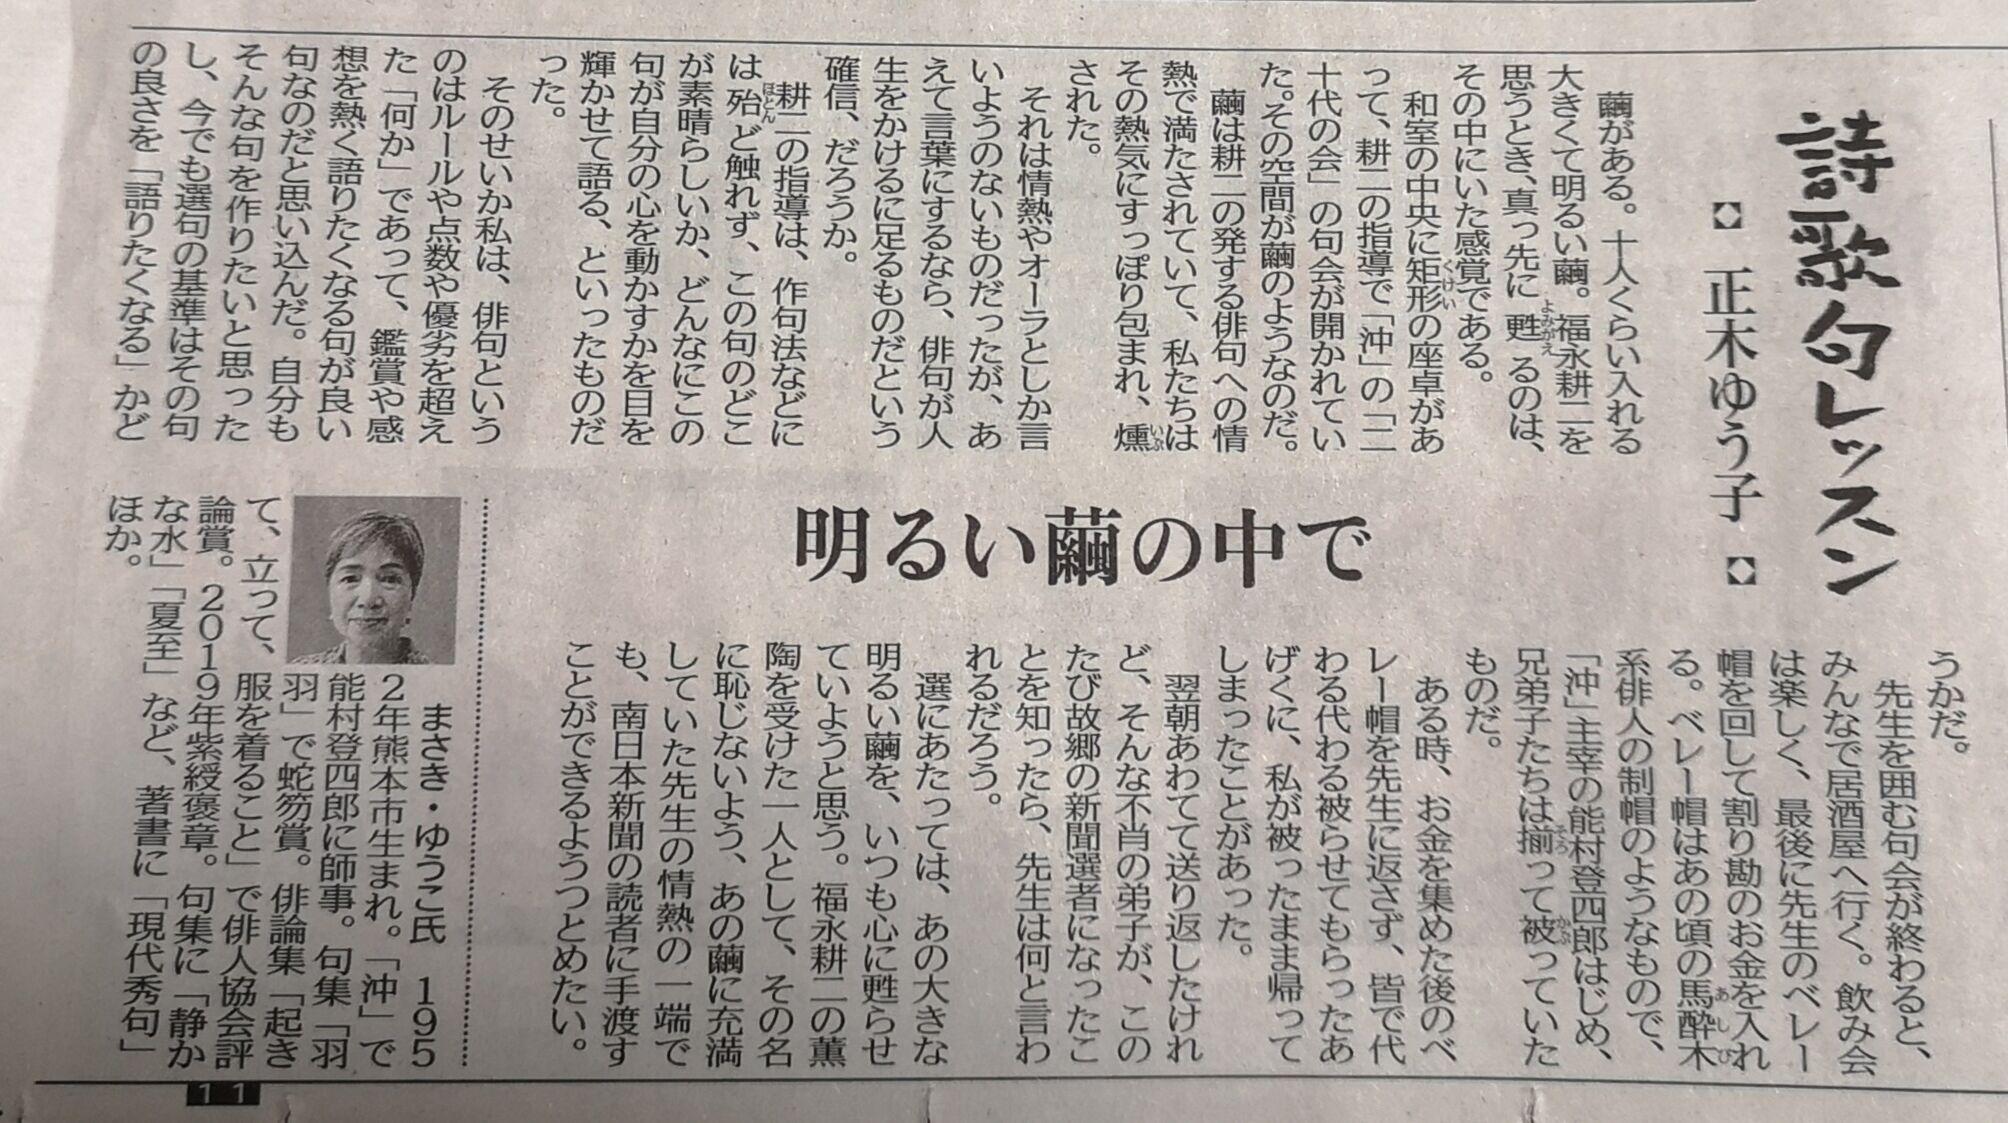 正木ゆう子さんの記事 : 福永耕二のブログ